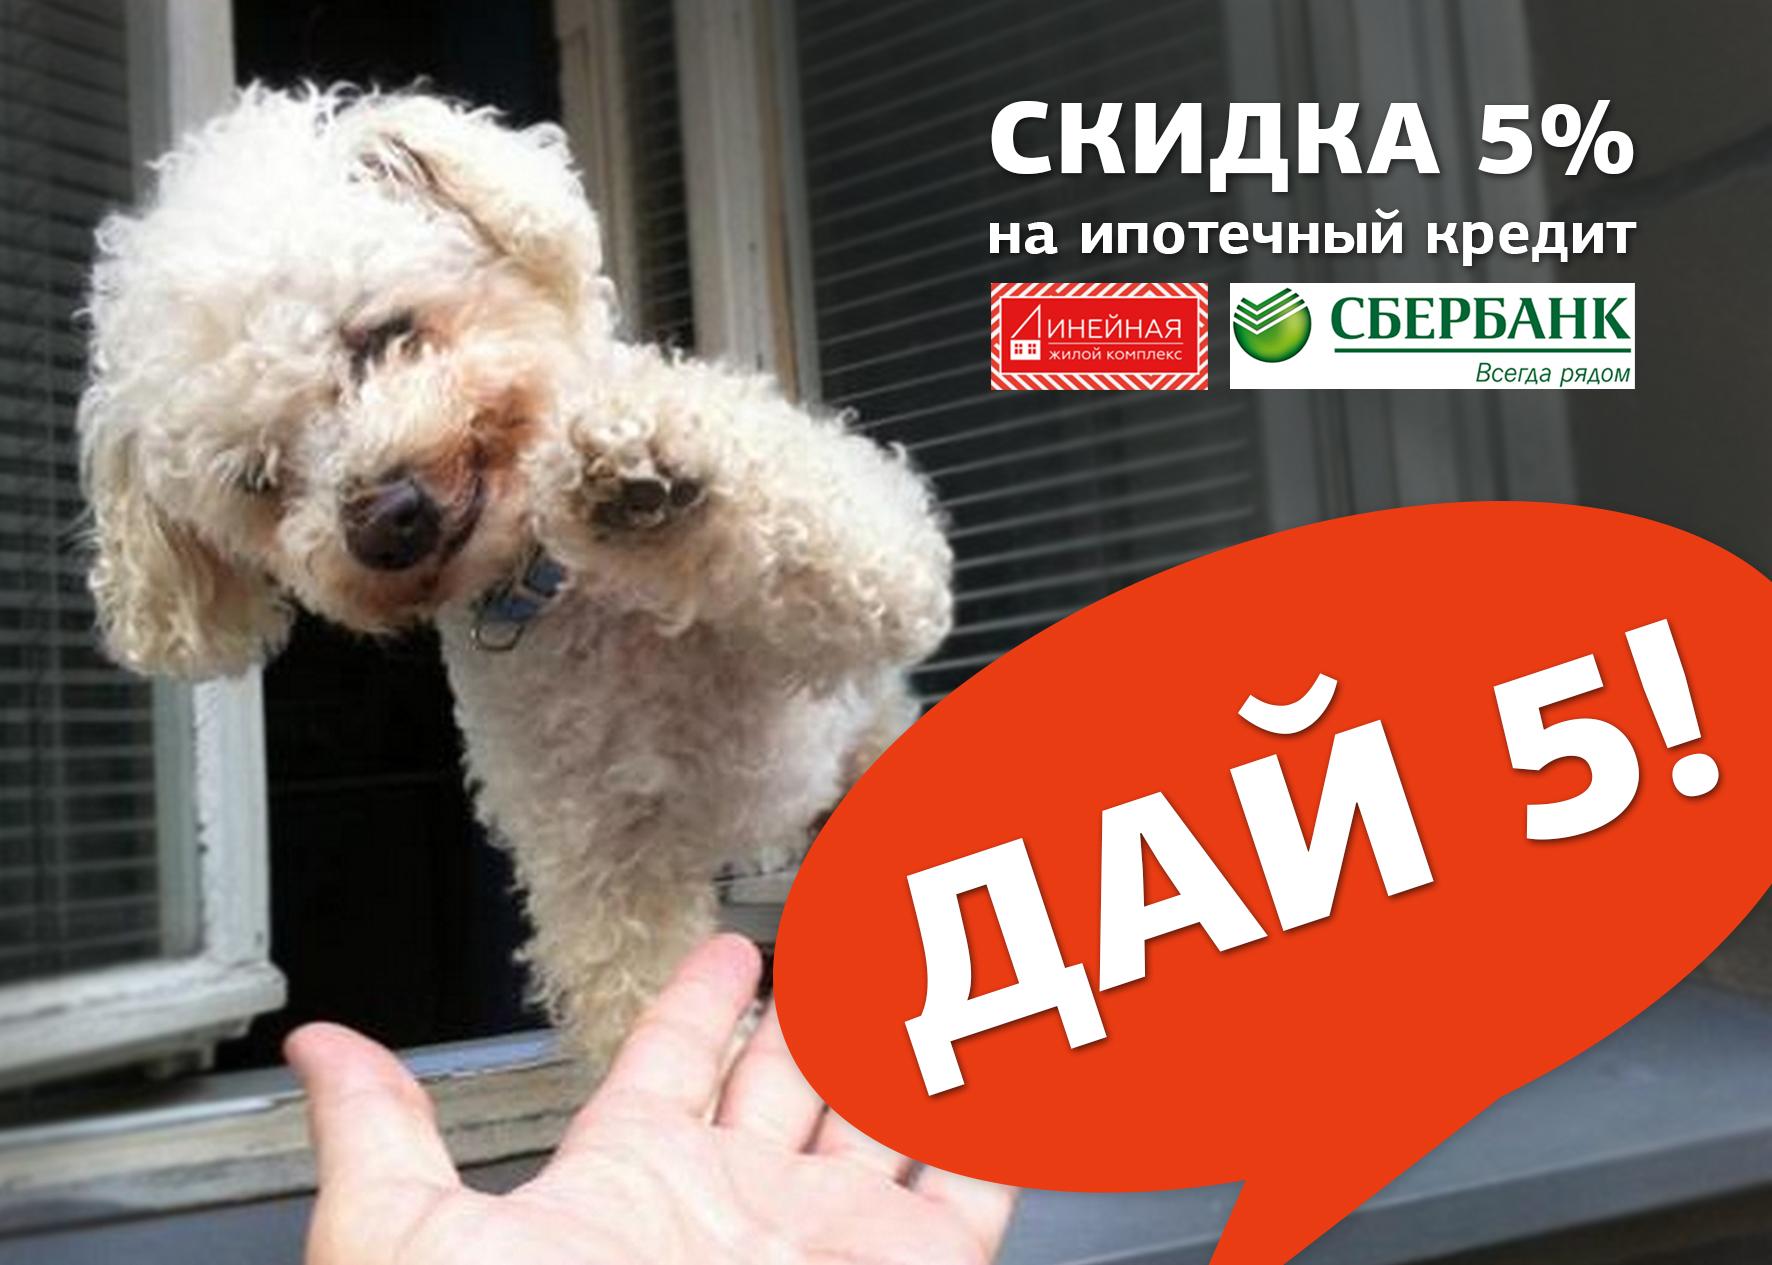 Купи квартиру в ЖК «Линейная» и получи скидку 5% на ипотечный кредит!